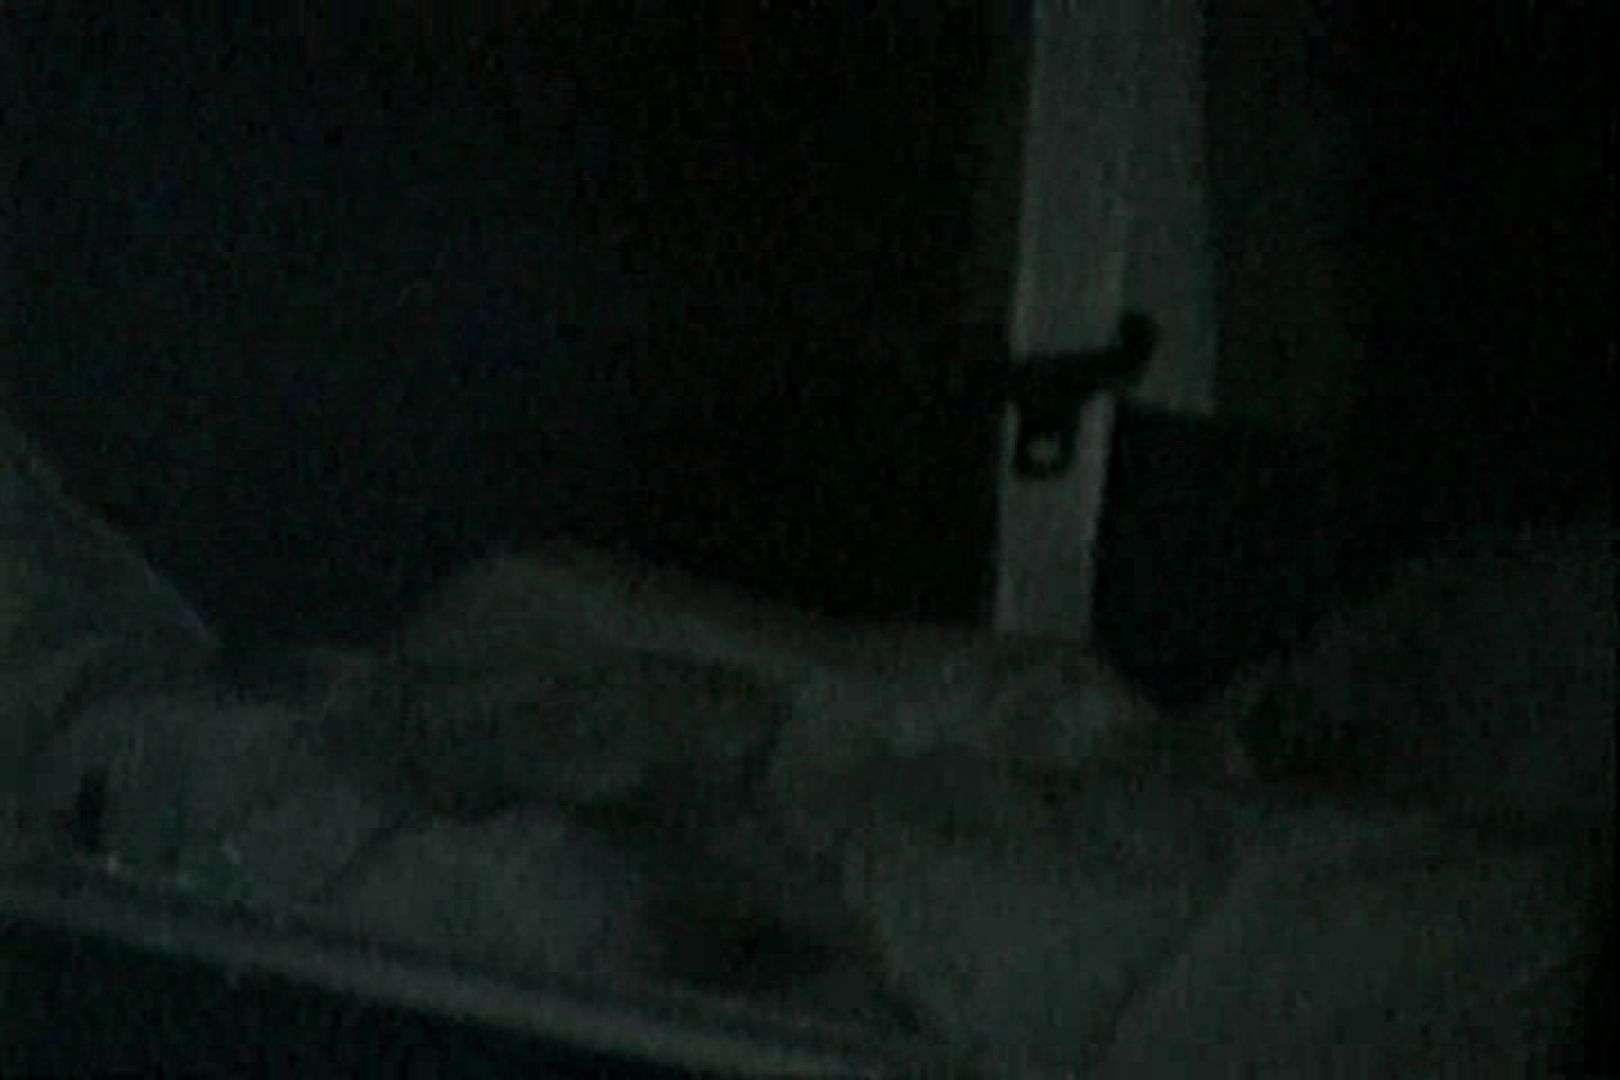 充血監督の深夜の運動会Vol.126 OLの実態 盗撮戯れ無修正画像 92pic 82